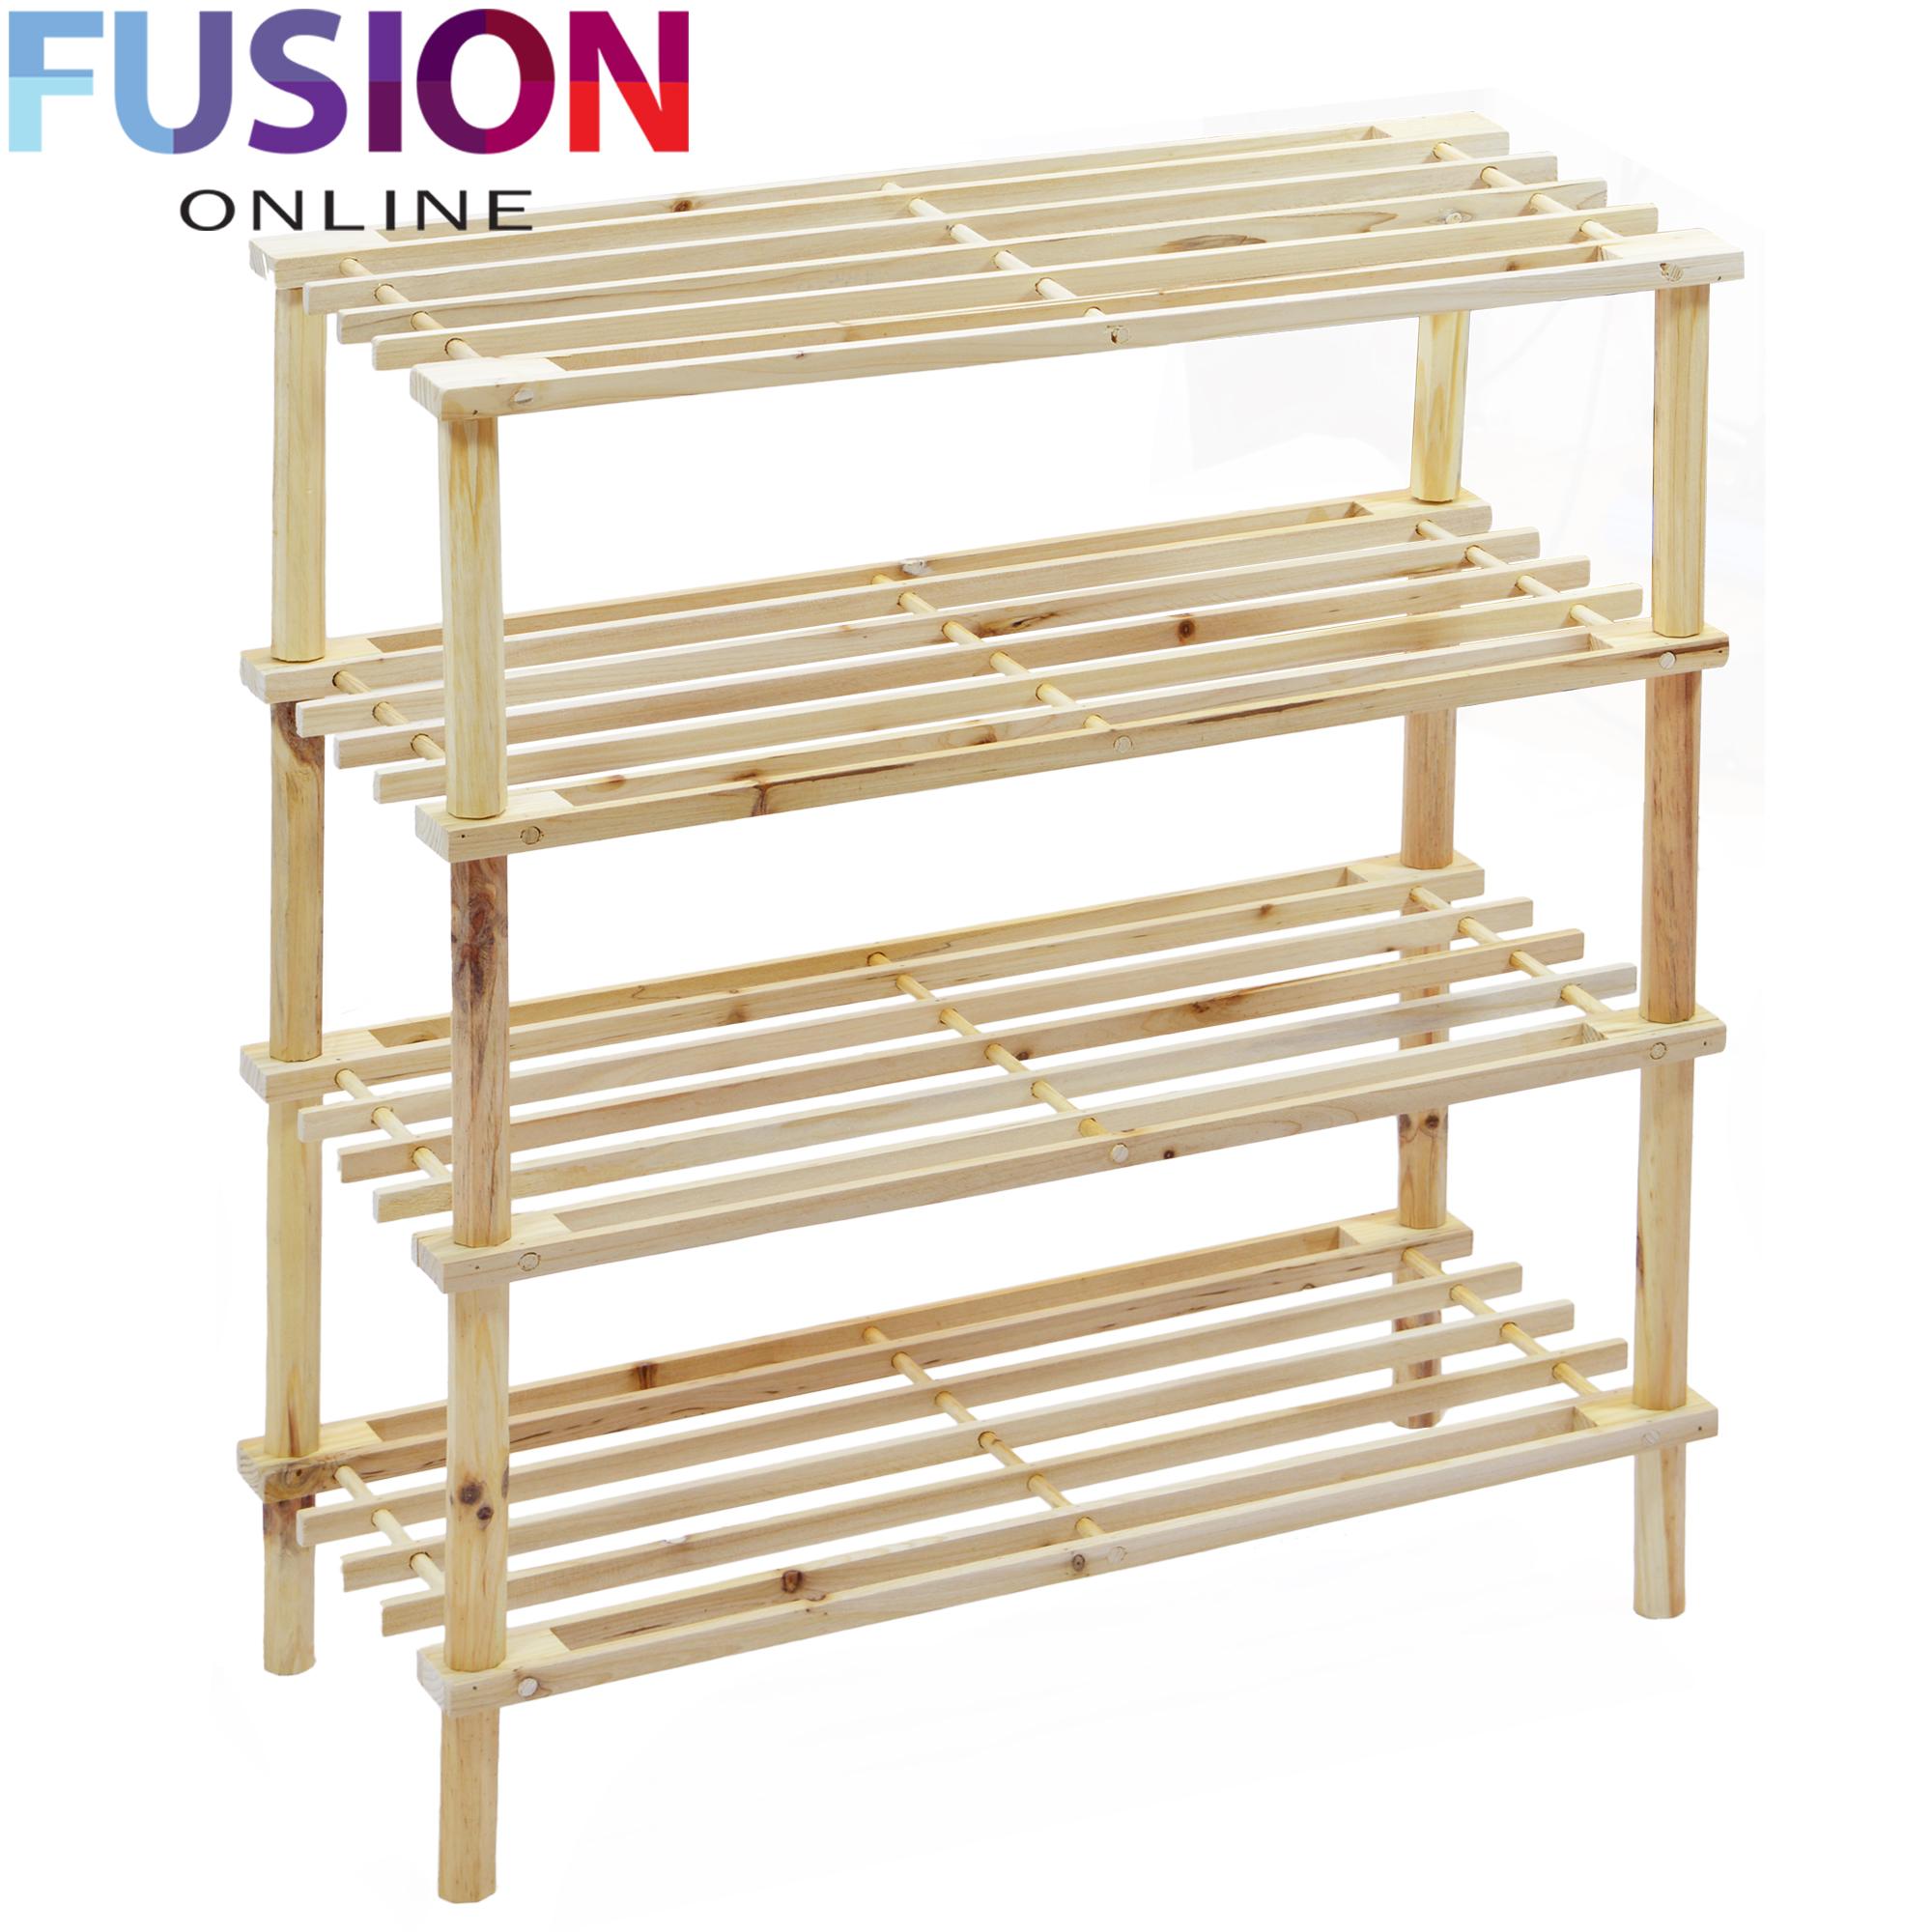 Design Wooden Shoe Rack 2 3 4 tier slatted shoe rack oak wooden storage stand organizer oak